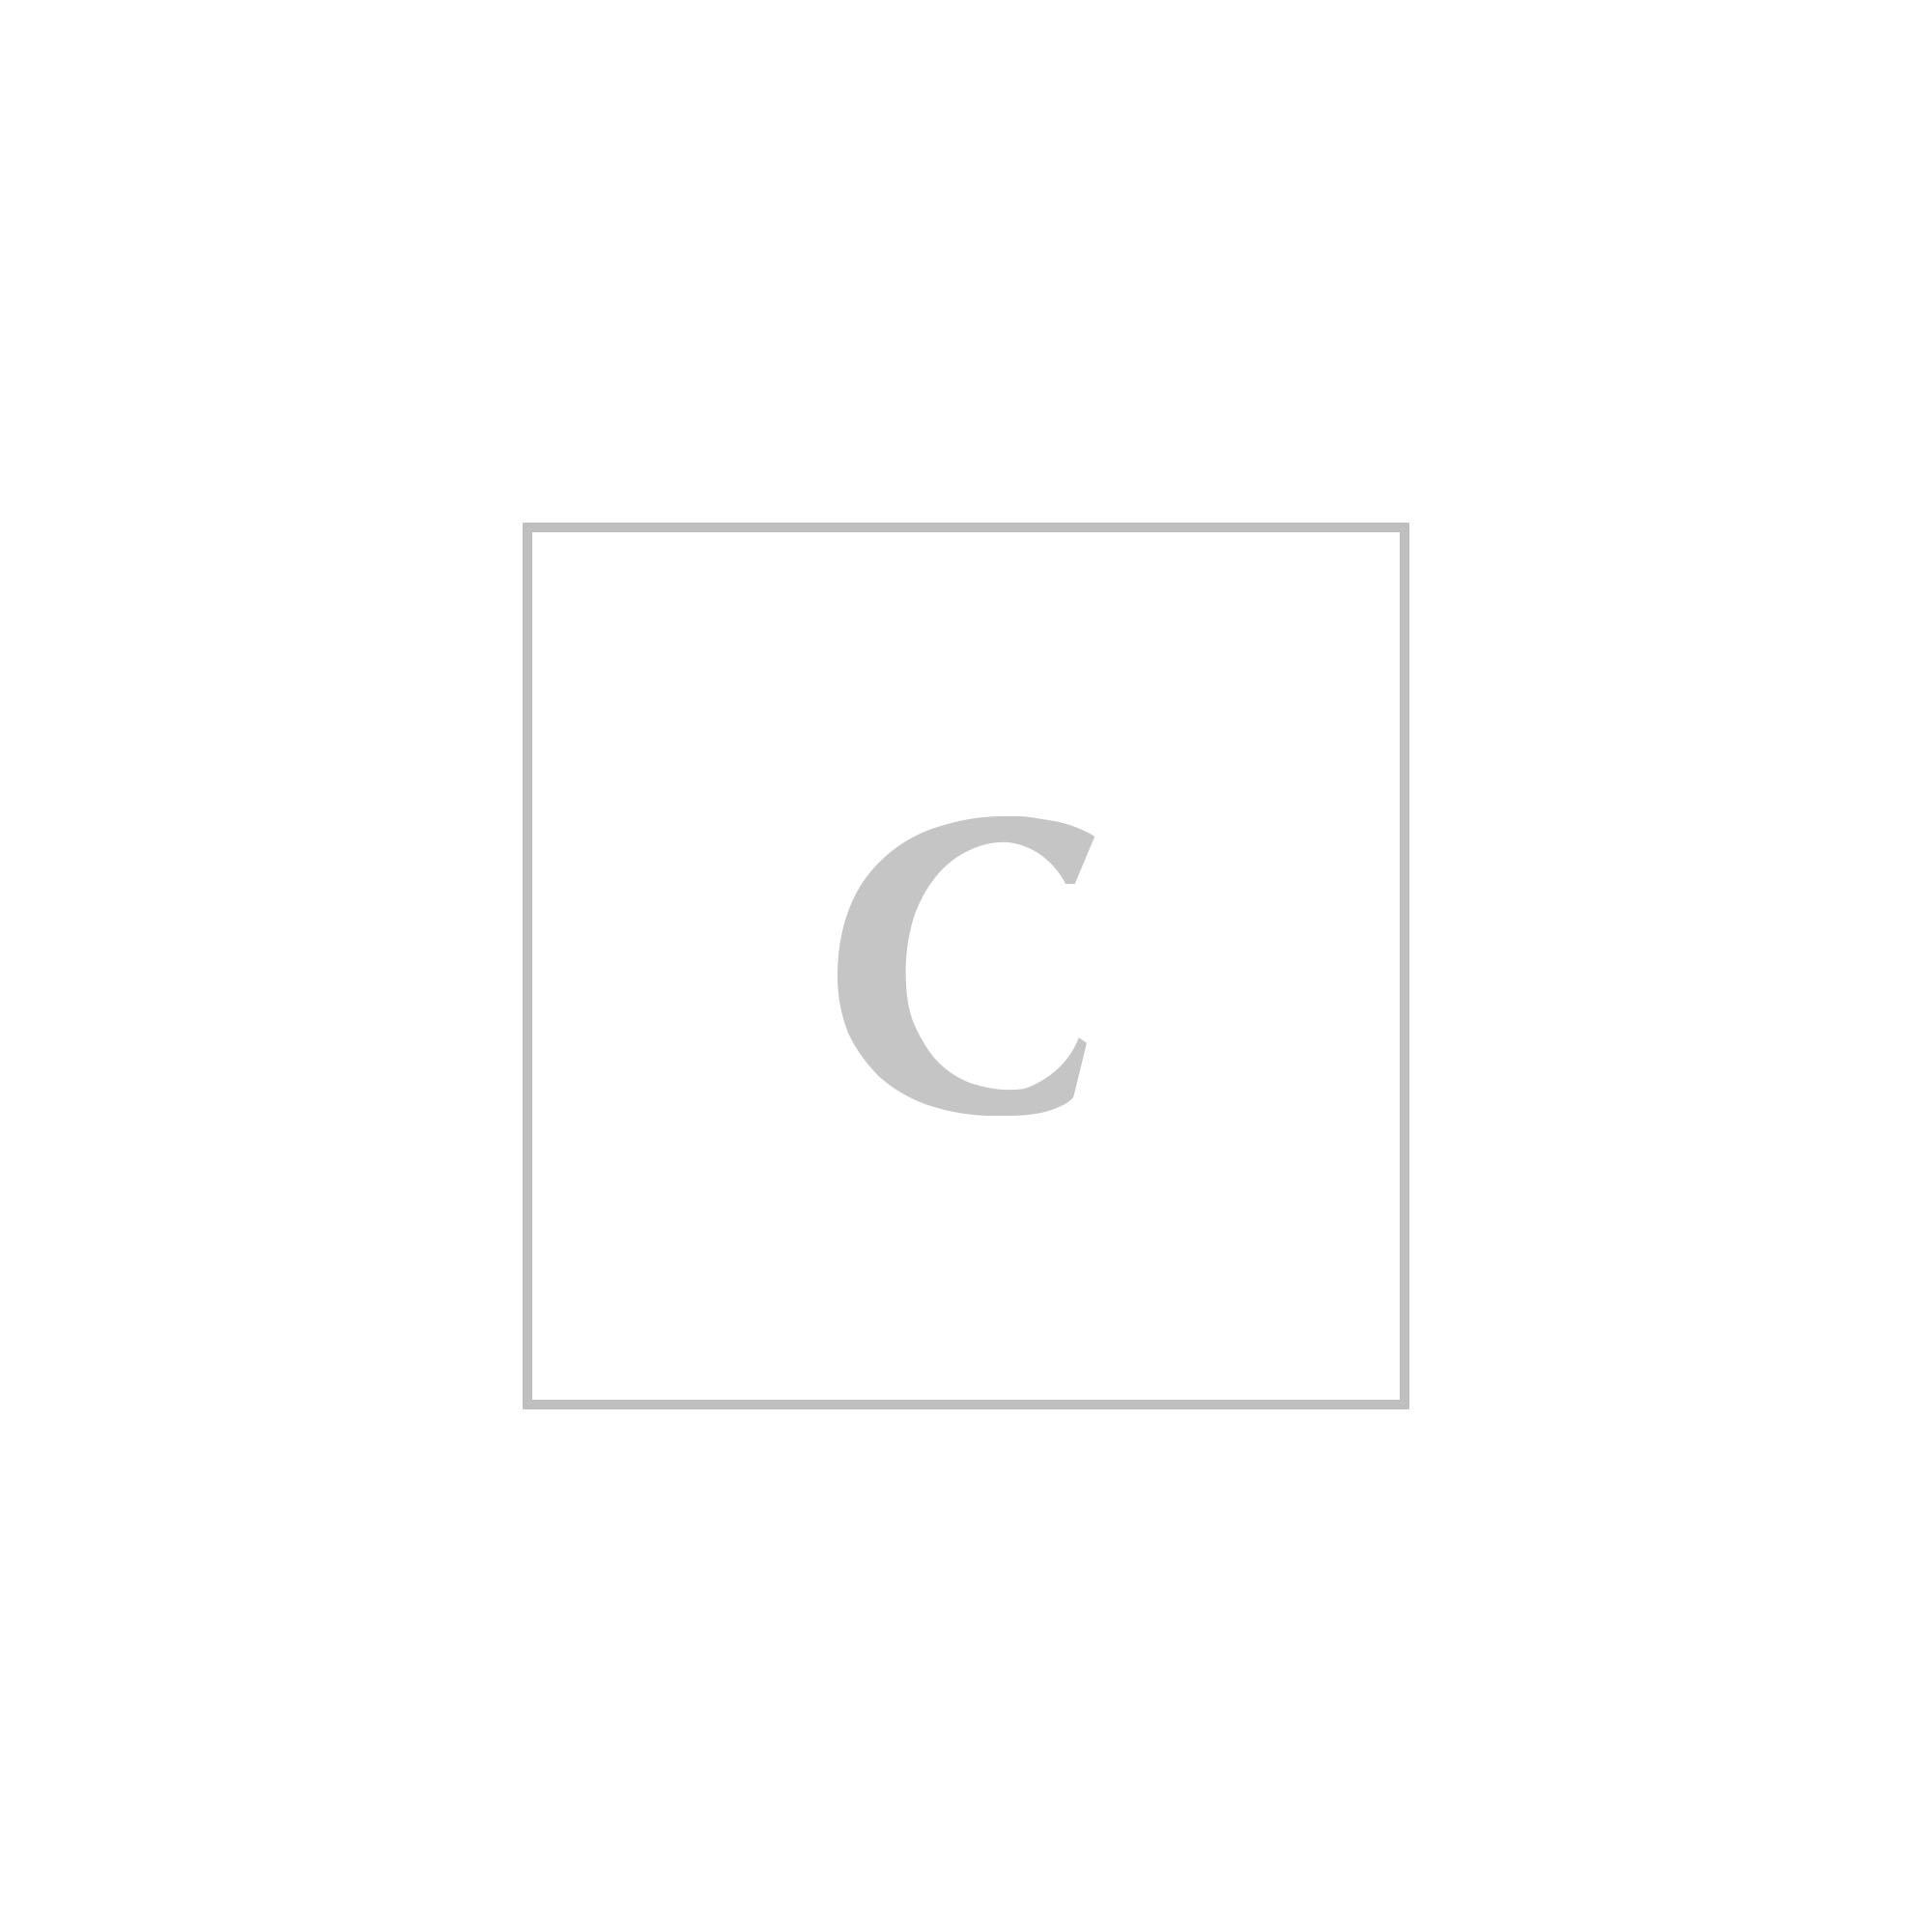 Salvatore ferragamo p.chiavi 660015 007 groppone liscio ing